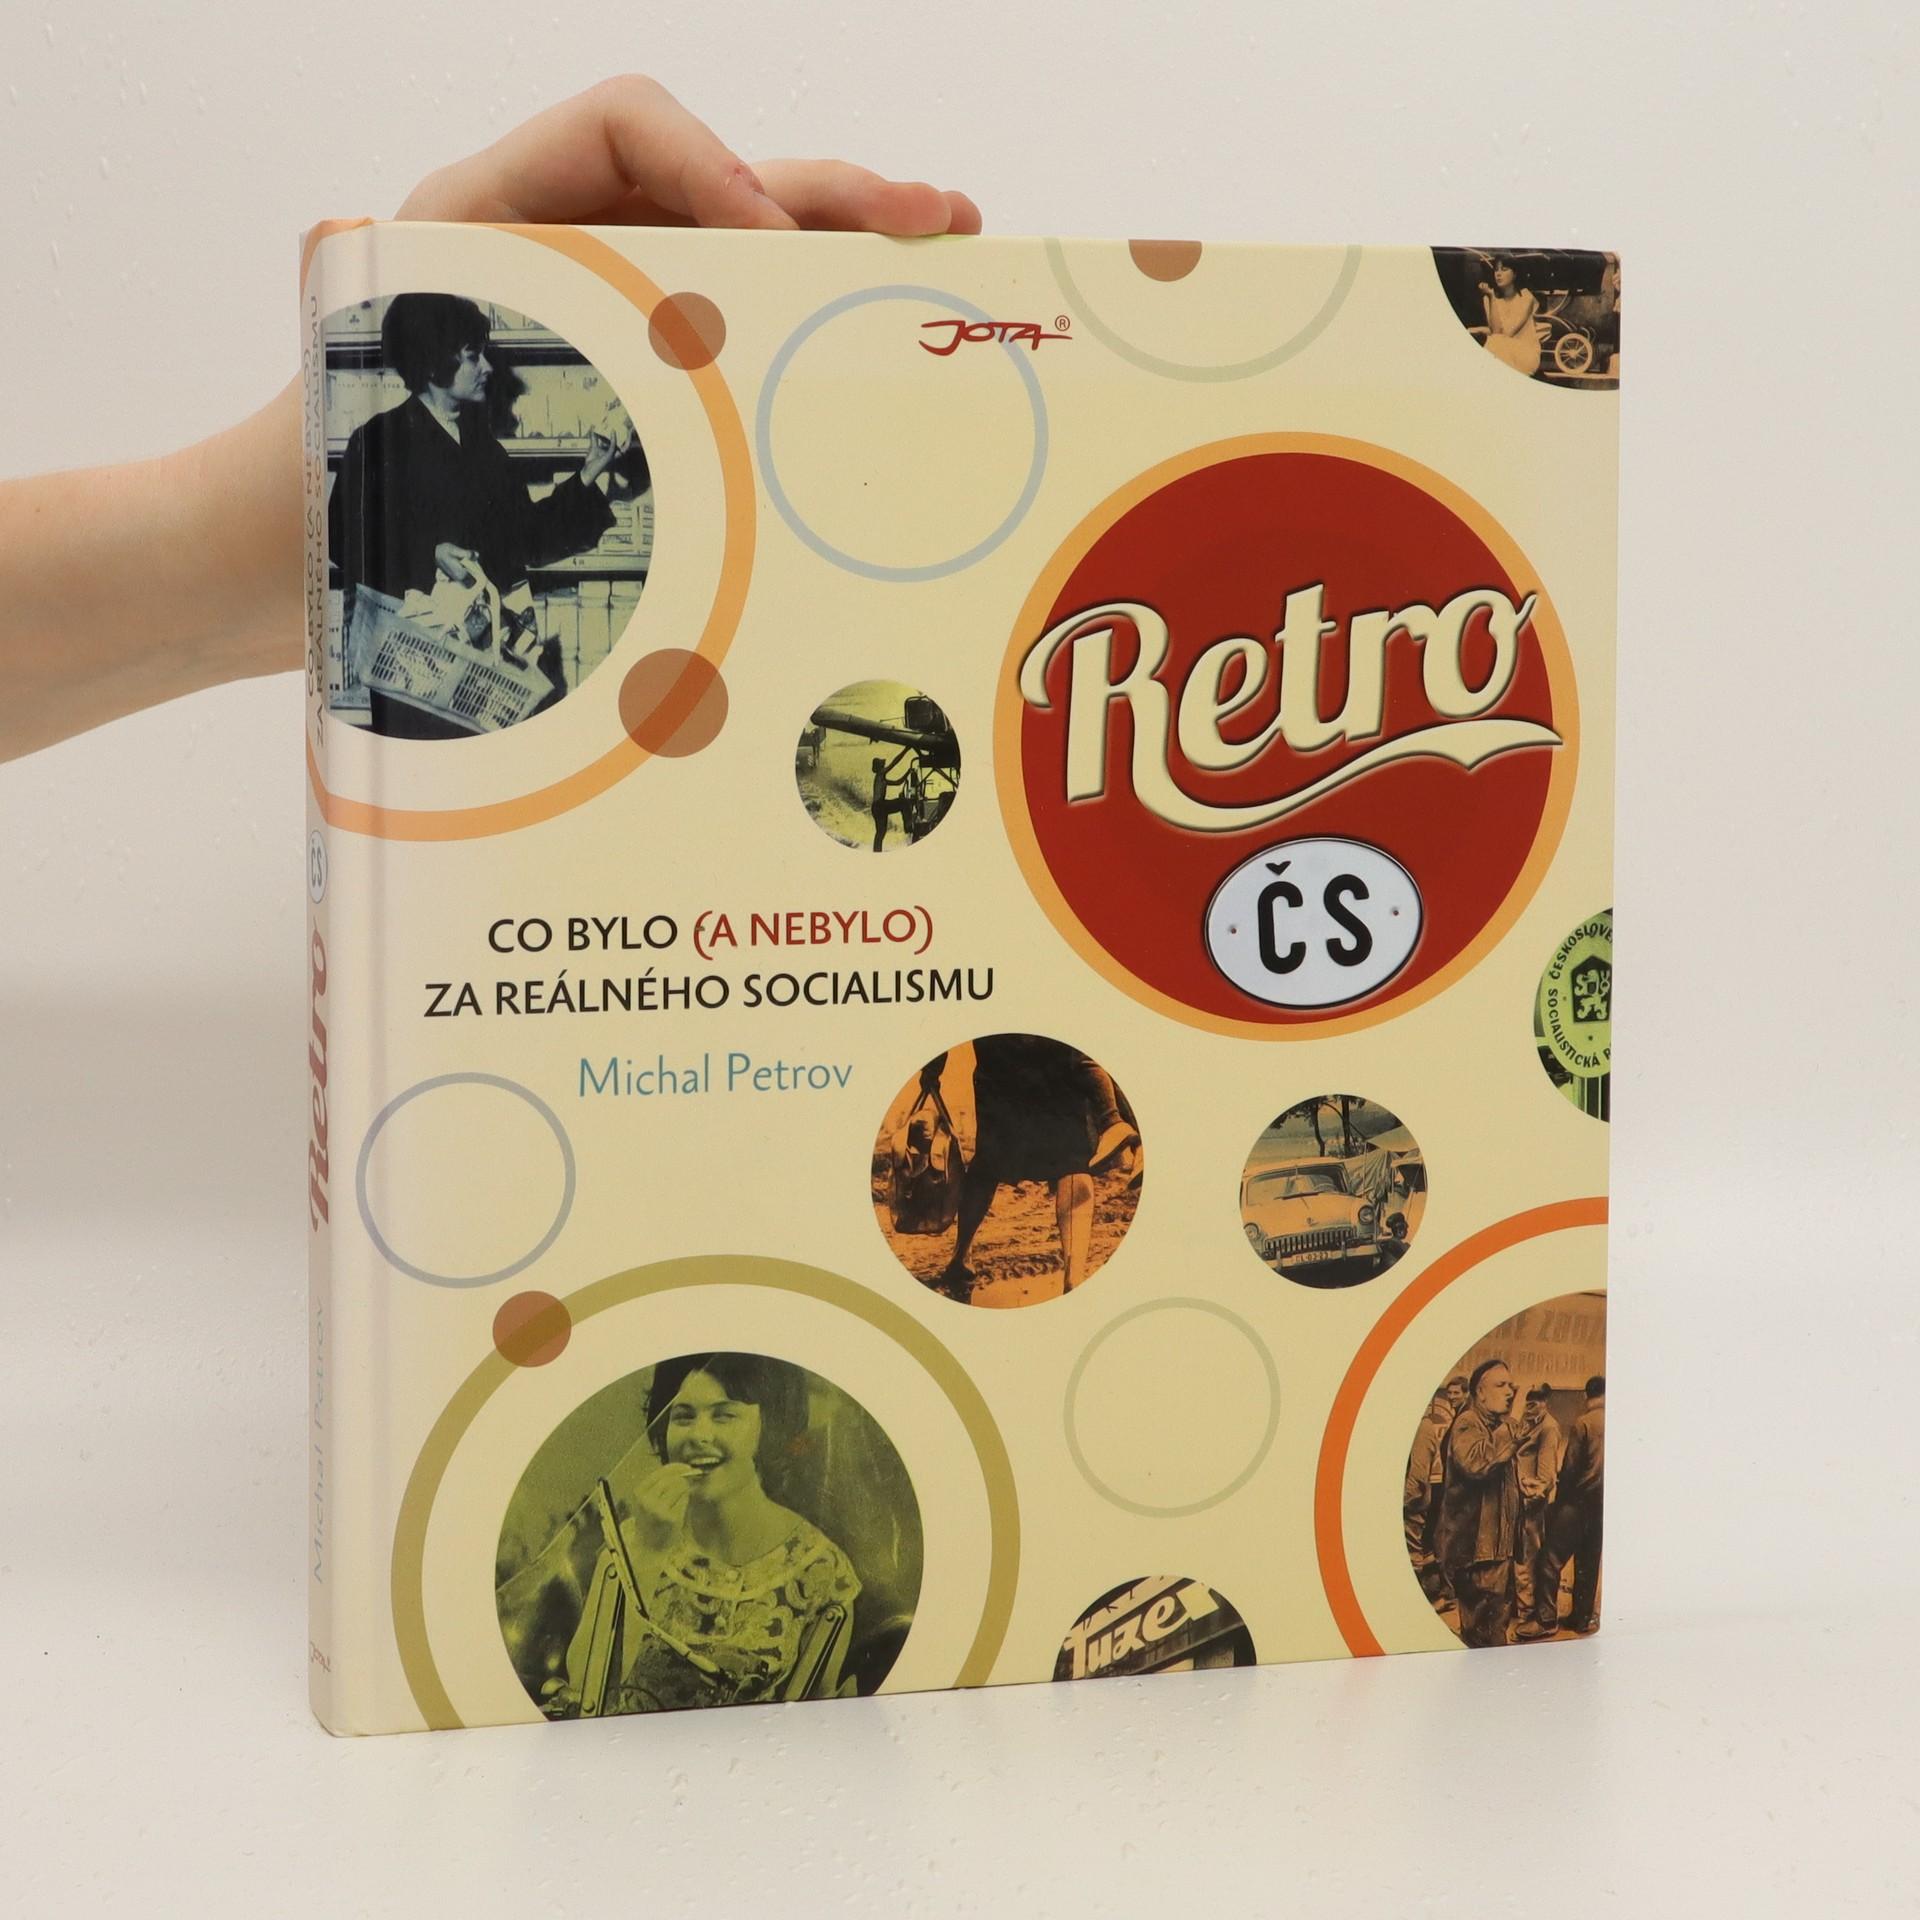 antikvární kniha Retro ČS. Co bylo (a nebylo) za reálného socialismu, 2013